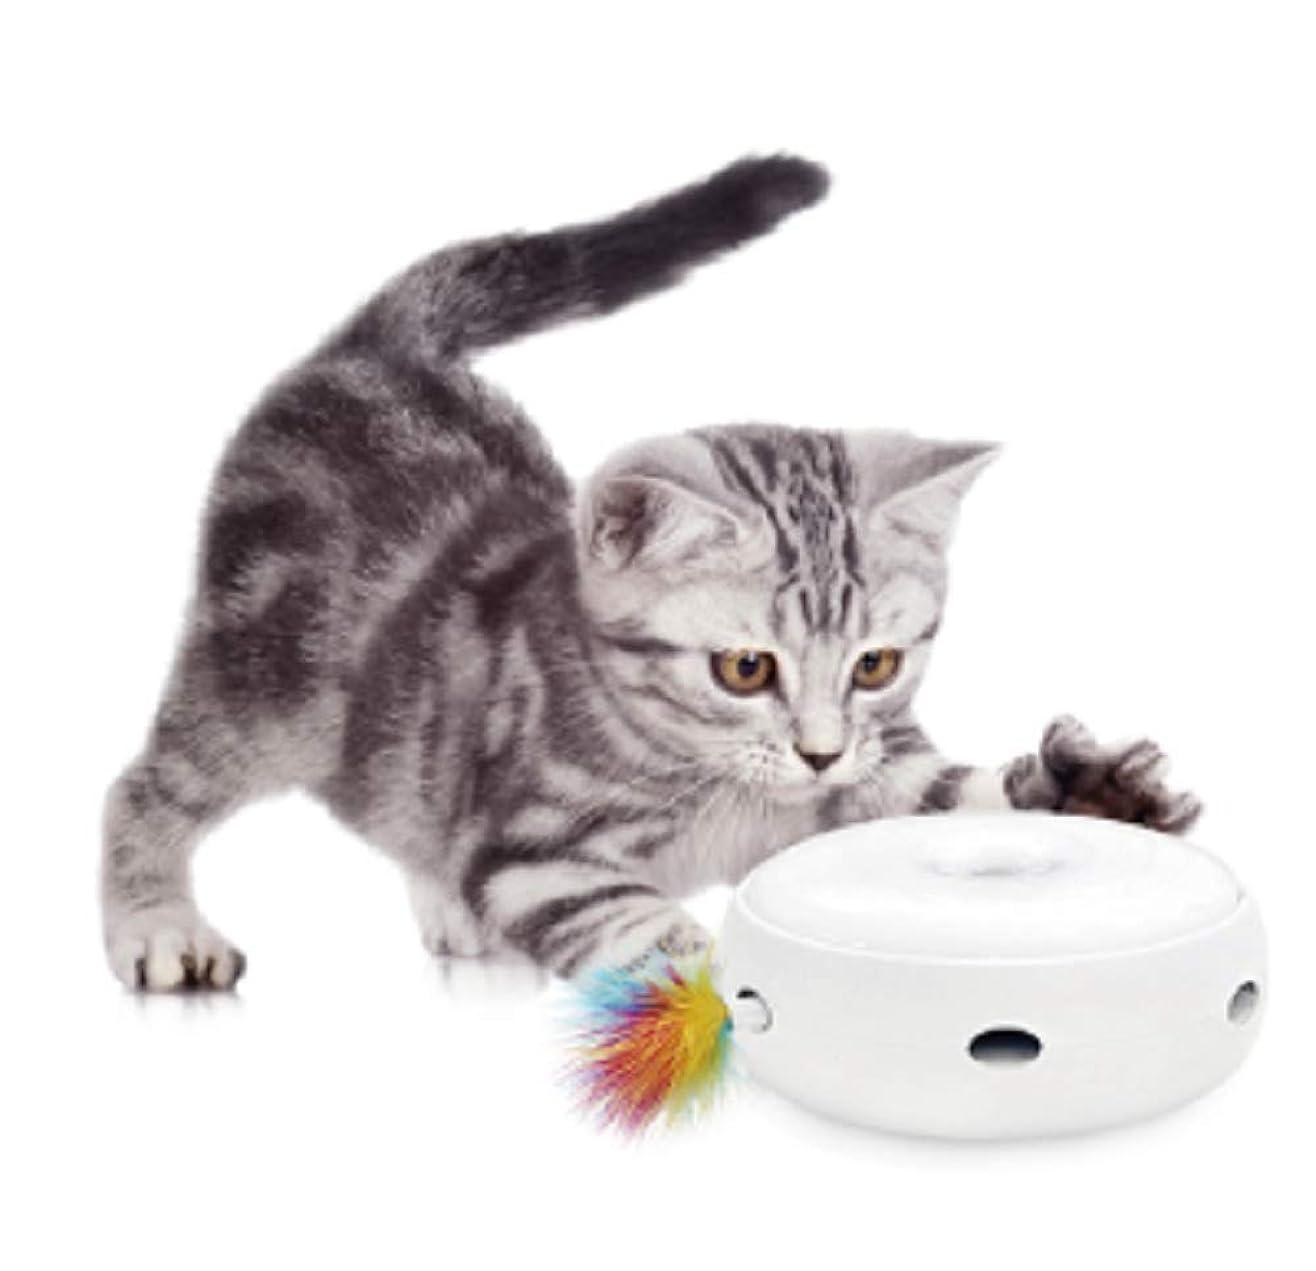 分子技術犬キャティーマン (CattyMan) じゃれ猫ブンブン ミツバチ